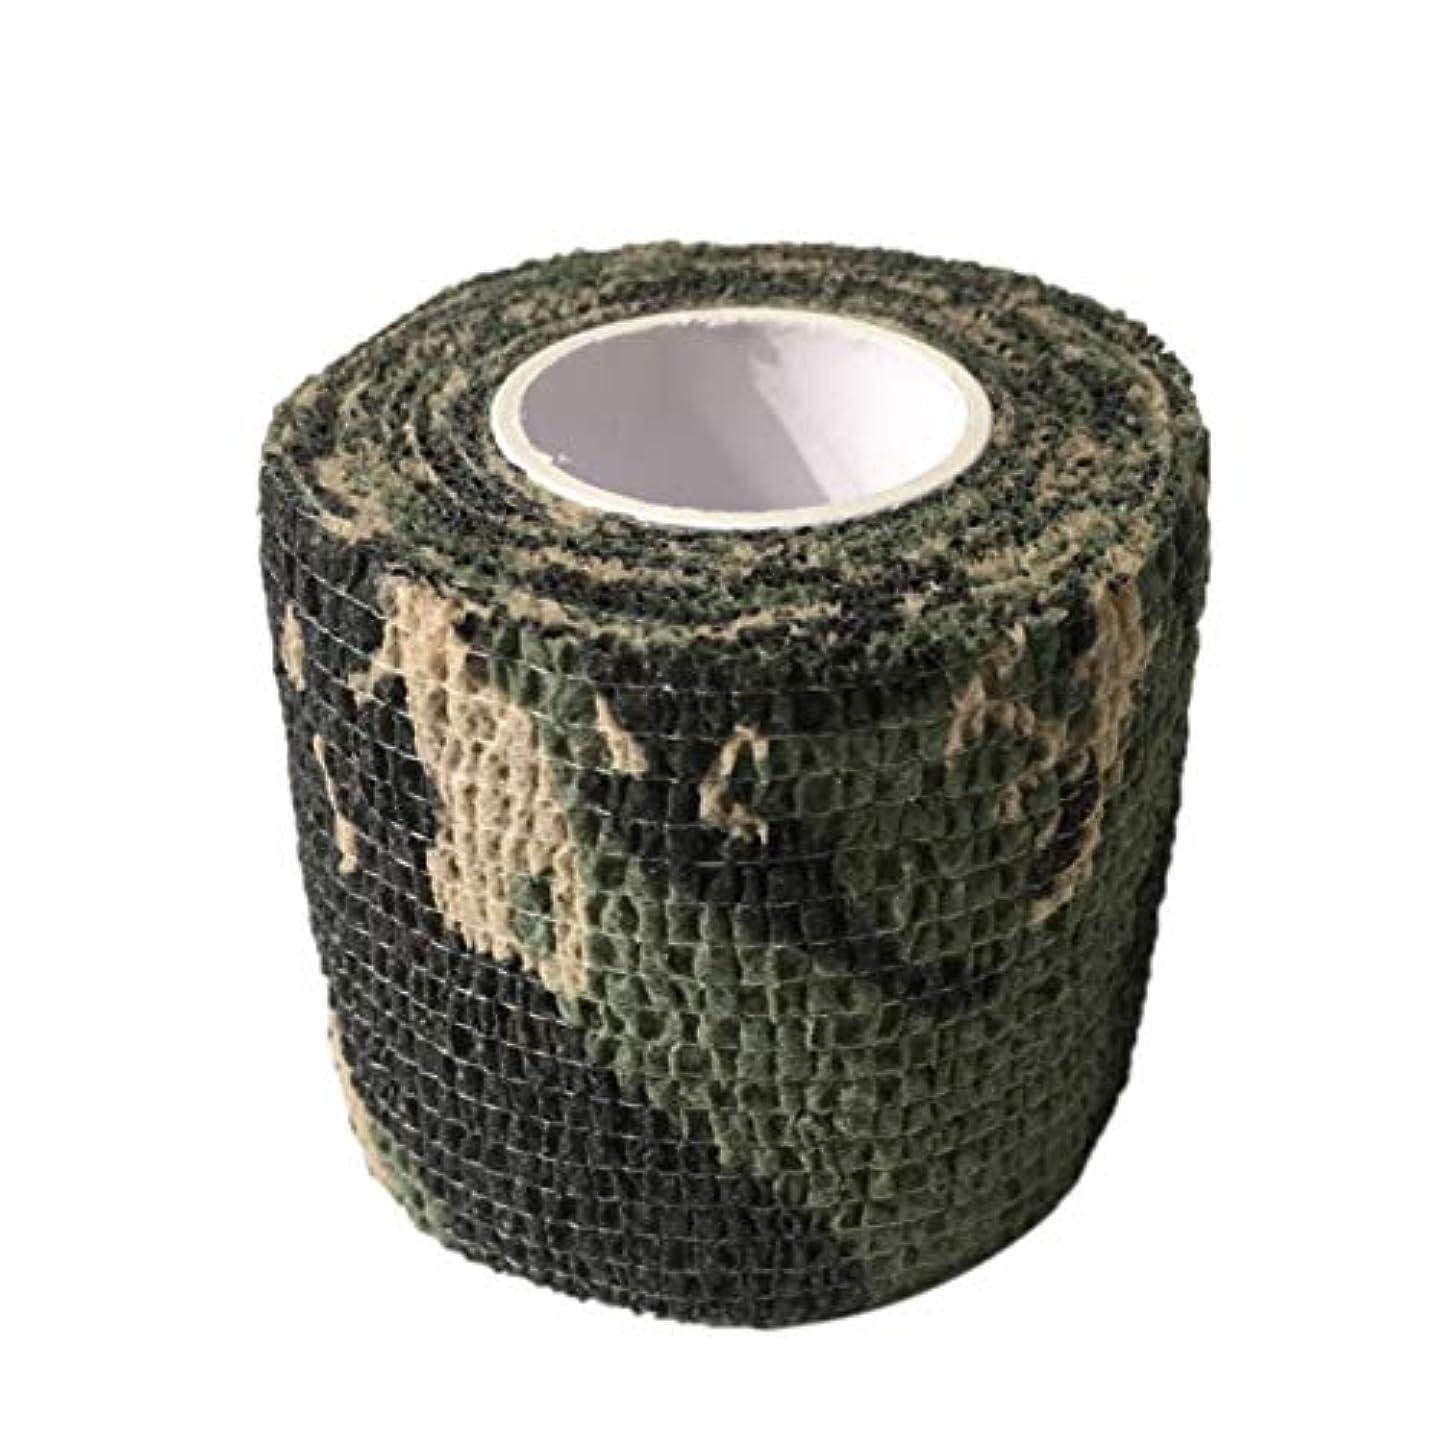 設計共和党マディソンDeeploveUU 使い捨てタトゥーグリップカバーラップ自己接着弾性包帯タトゥーマシンハンドルタトゥーアクセサリー